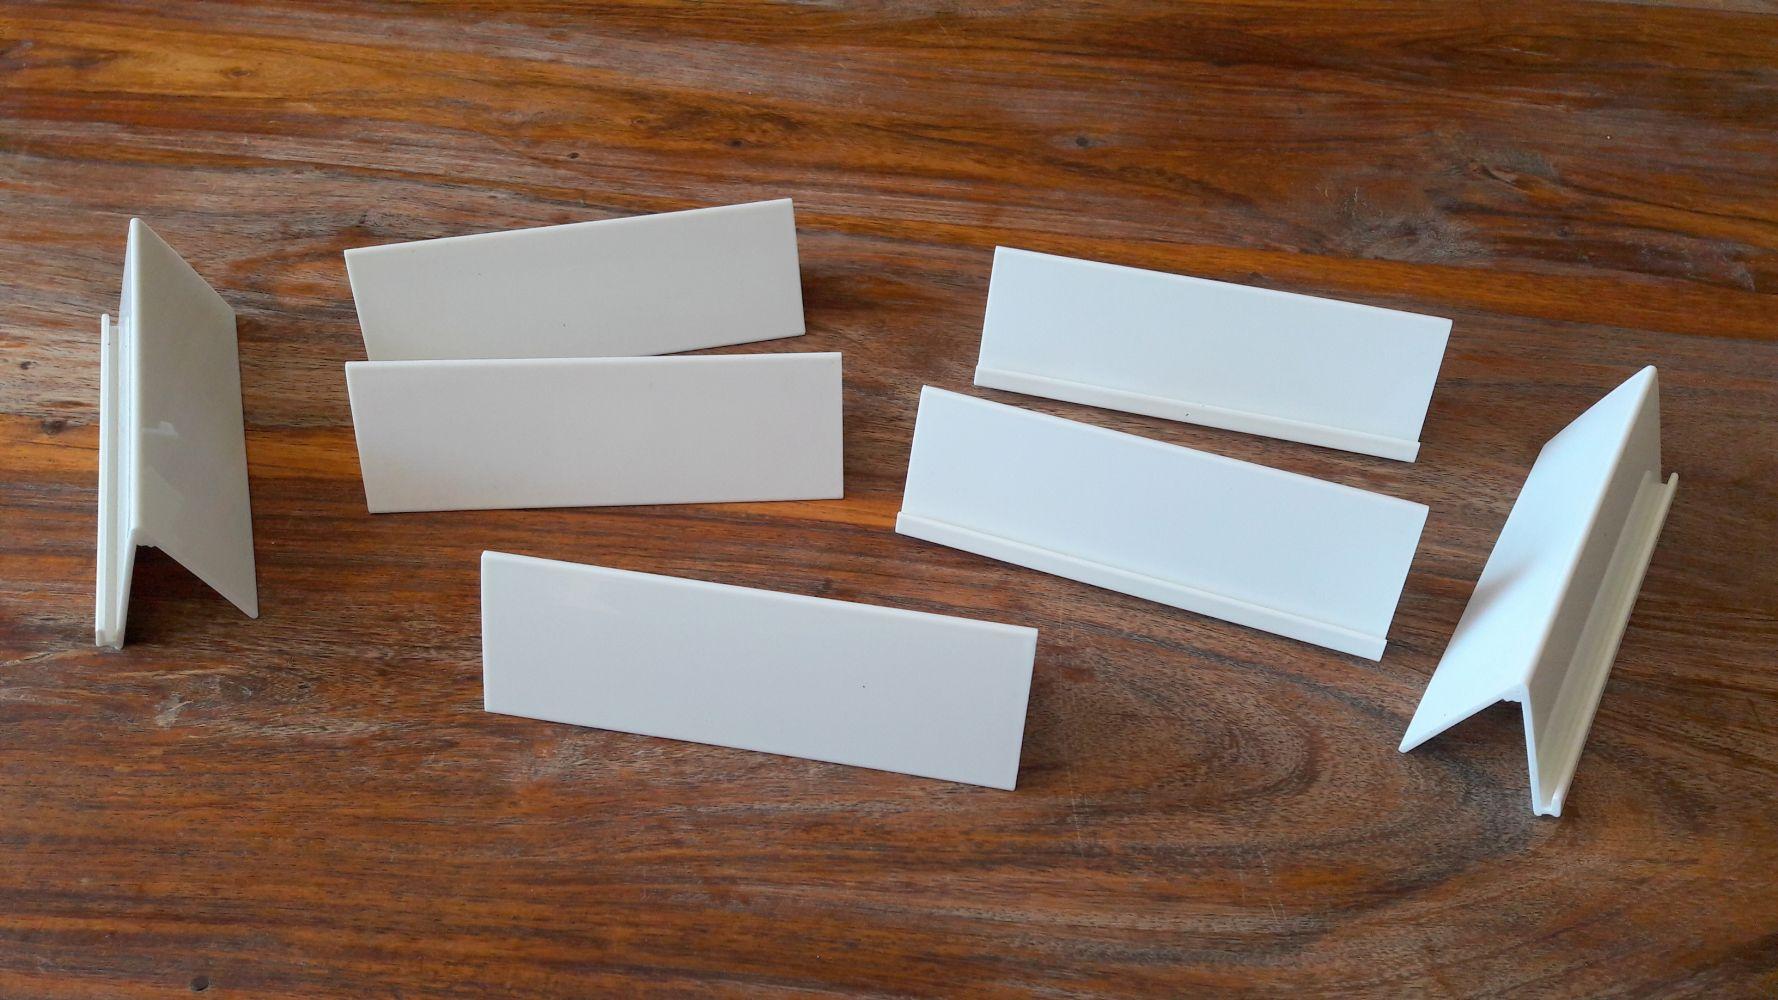 Double usage pratique et malin : à la fois porte carte et ardoise